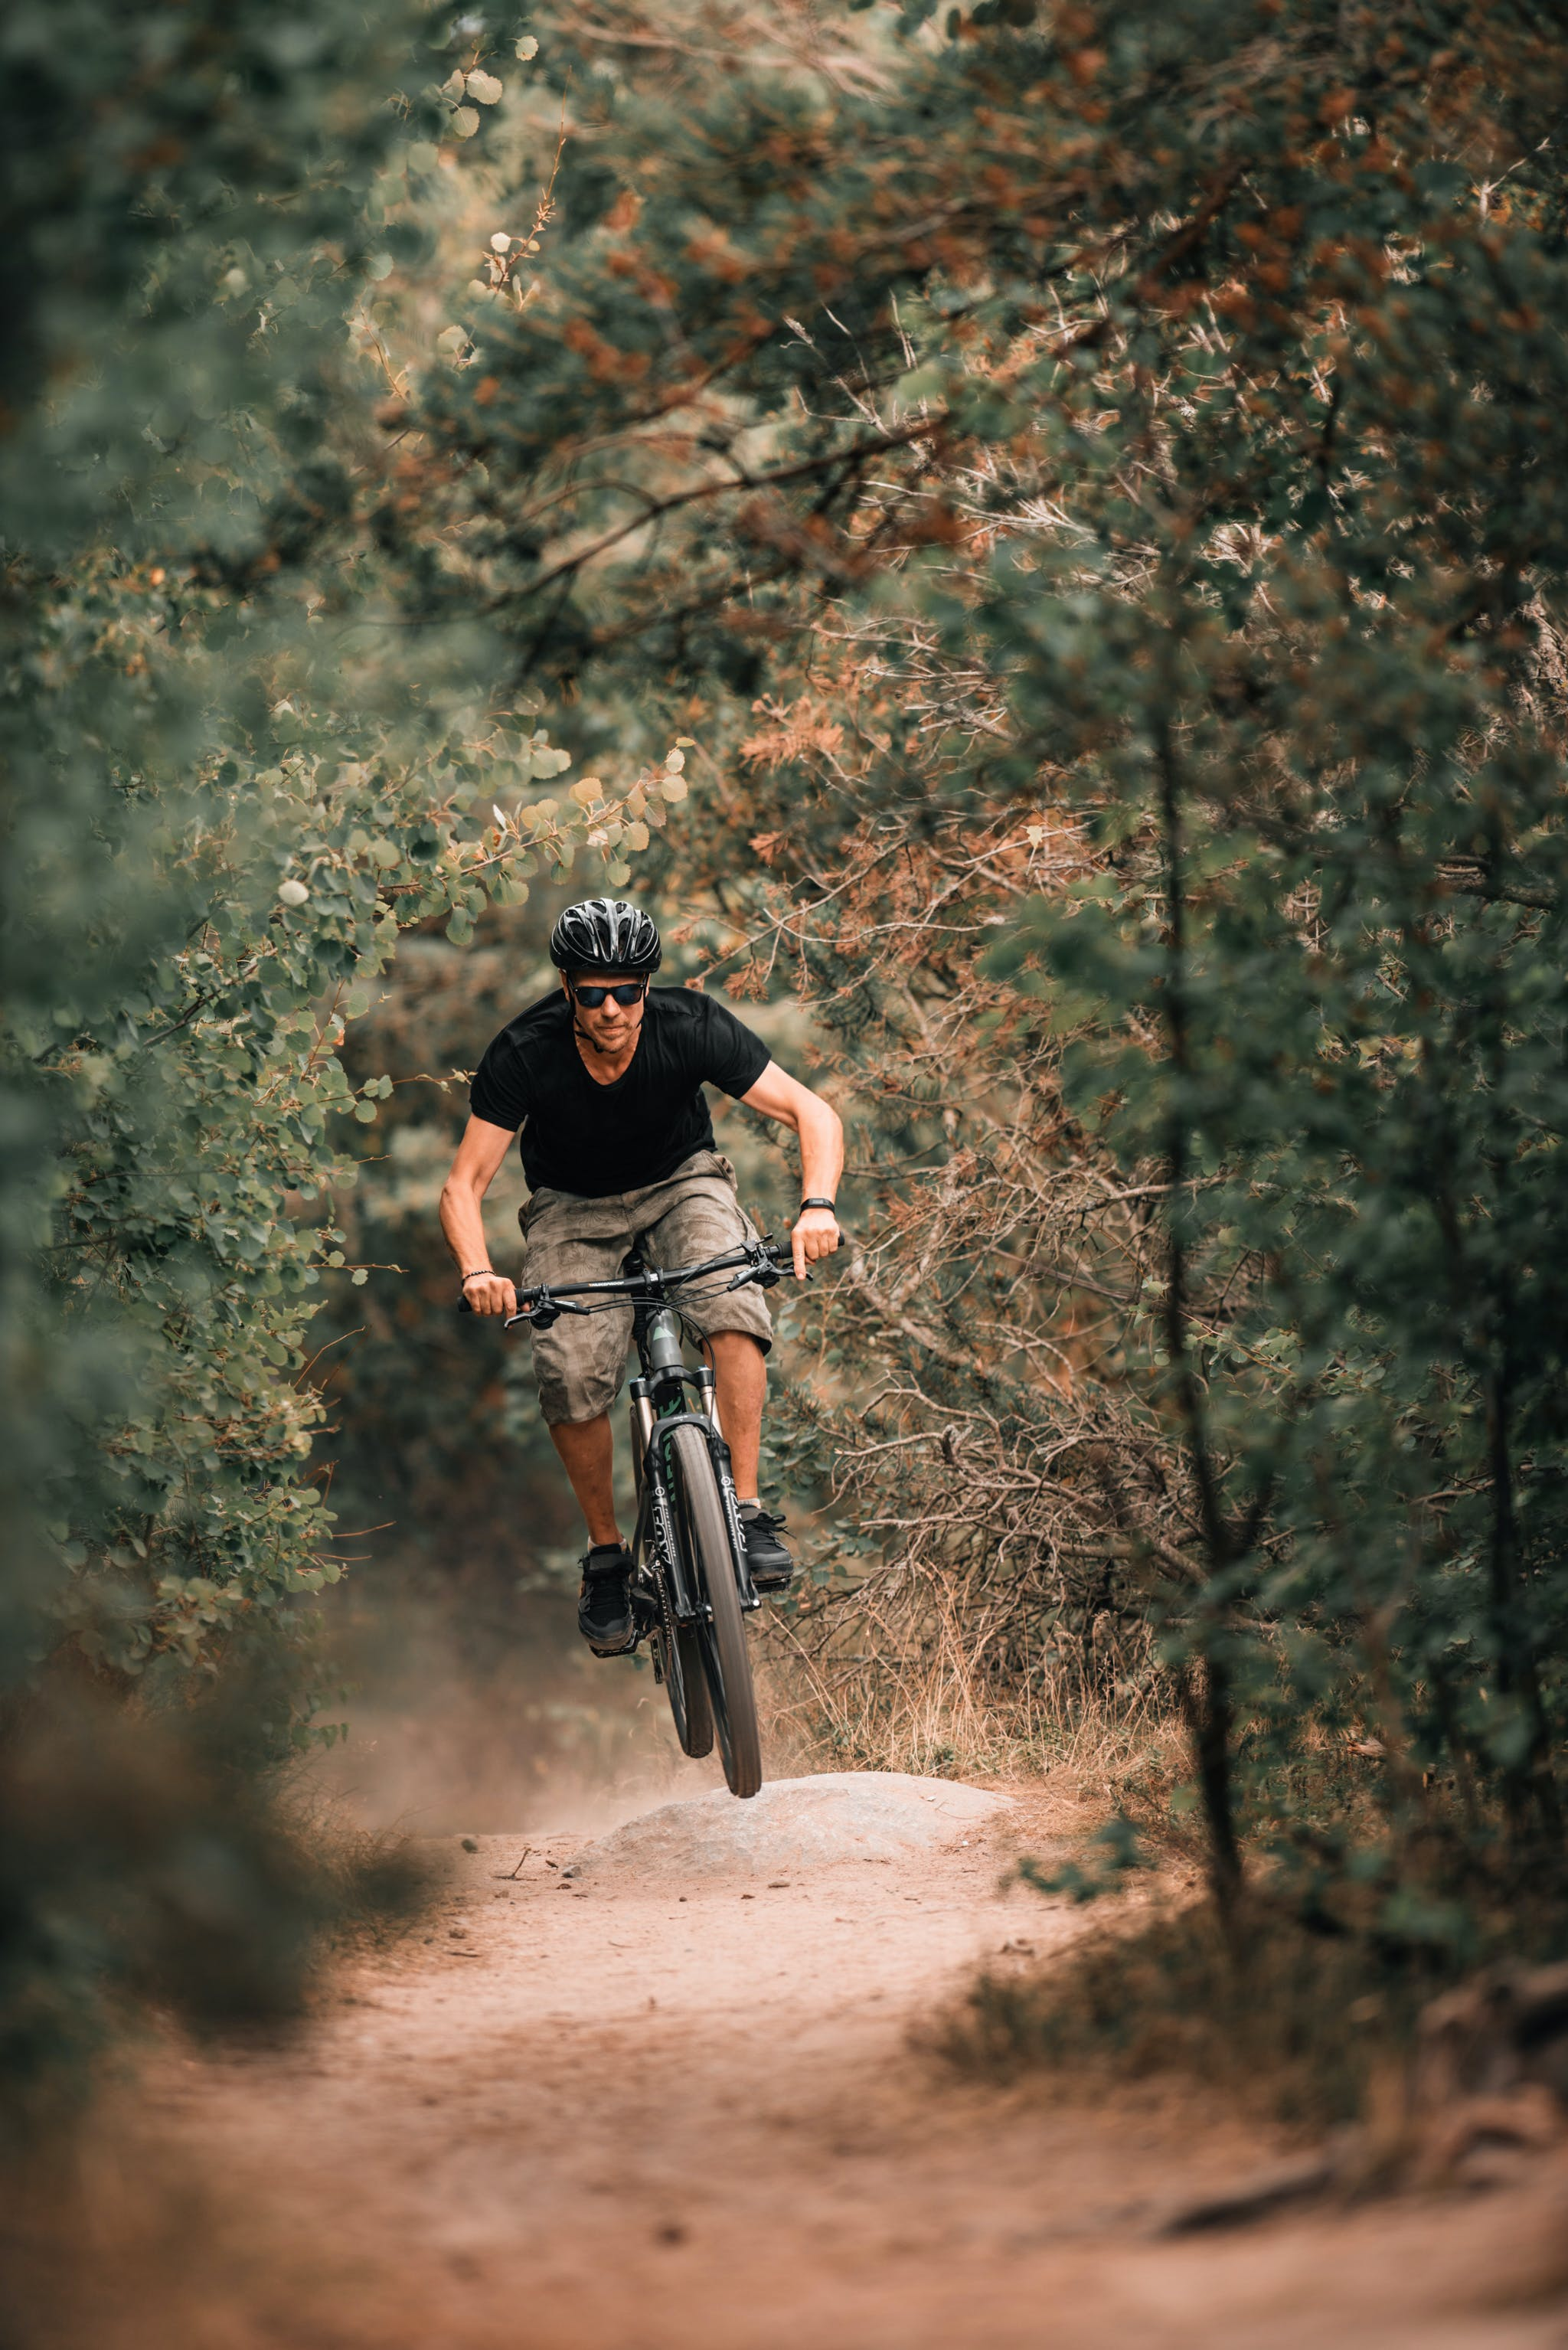 人, 冒險, 單車騎士, 有趣 的 免费素材照片